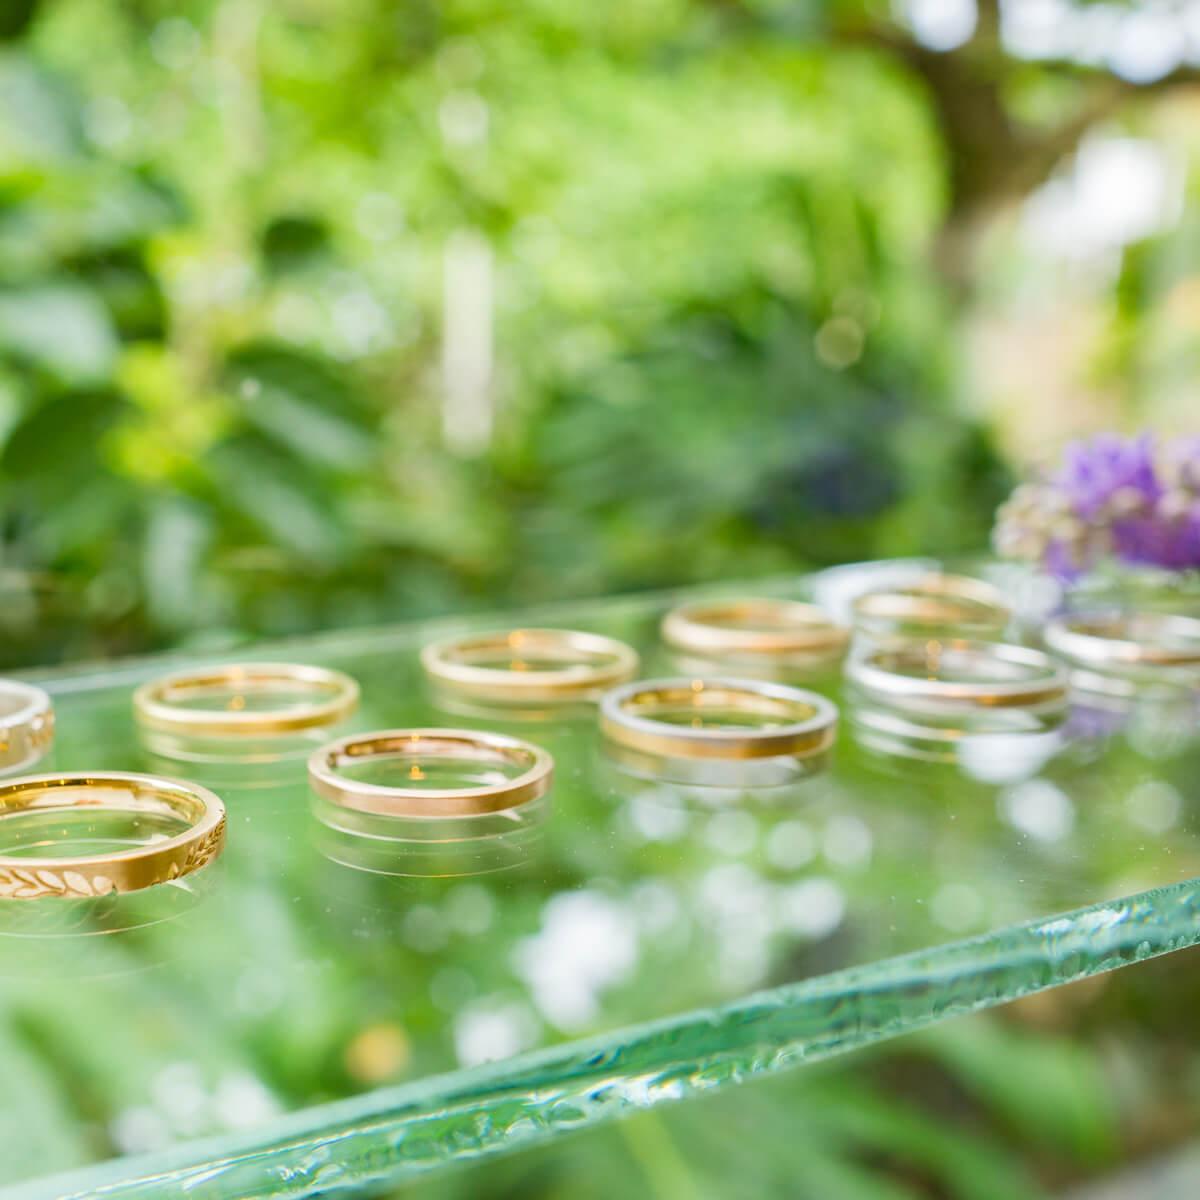 屋久島しずくギャラリー ジュエリーのディスプレイ オーダーメイドマリッジリング 屋久島の緑バック ゴールド、プラチナ 屋久島でつくる結婚指輪